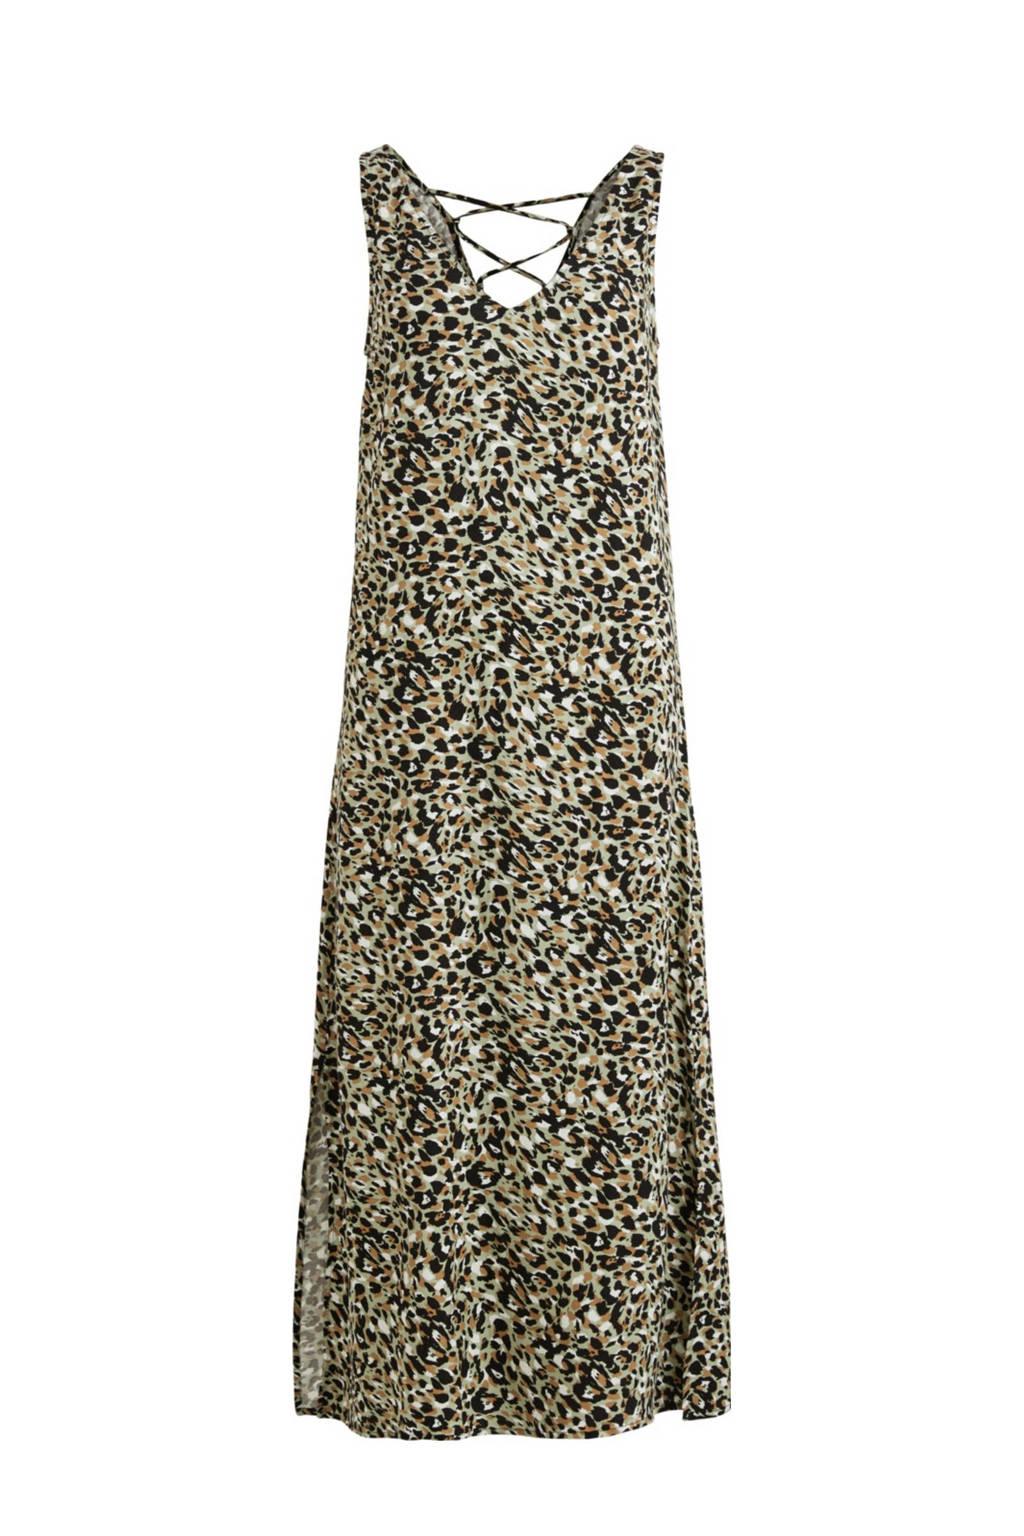 VILA maxi A-lijn jurk VIVISH met all over print lichtgroen/bruin/zwart, Lichtgroen/bruin/zwart